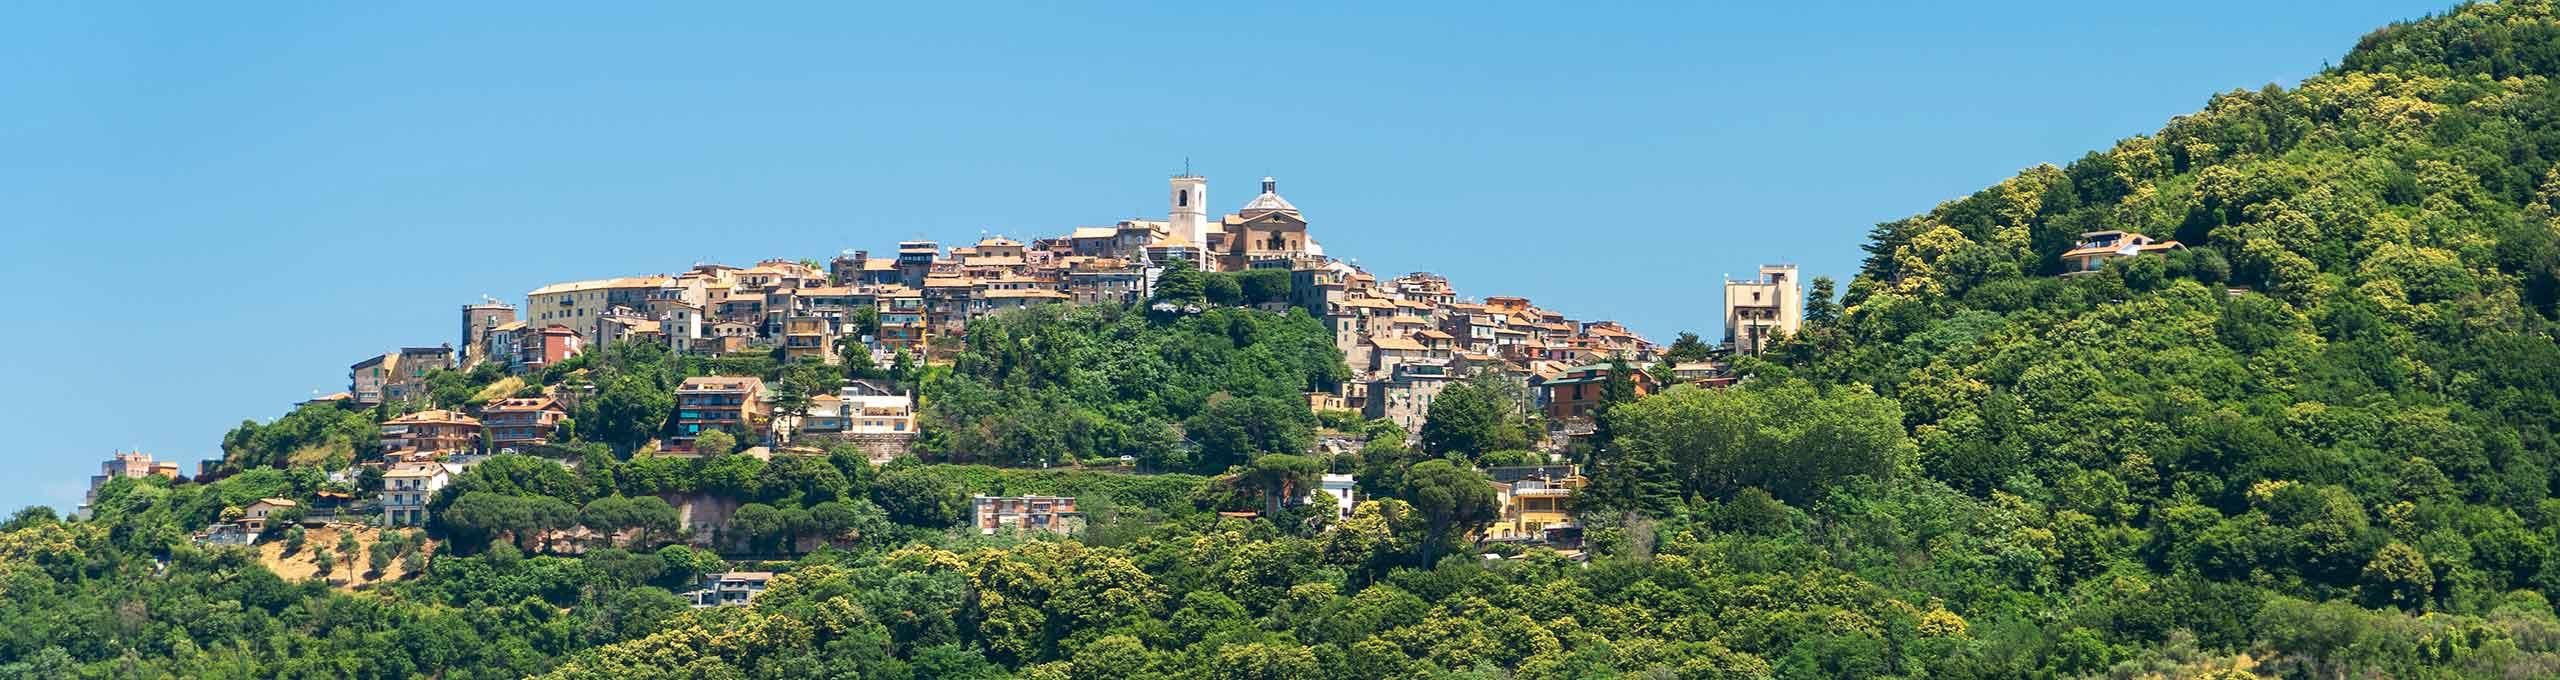 Monte Compatri, Castelli Romani